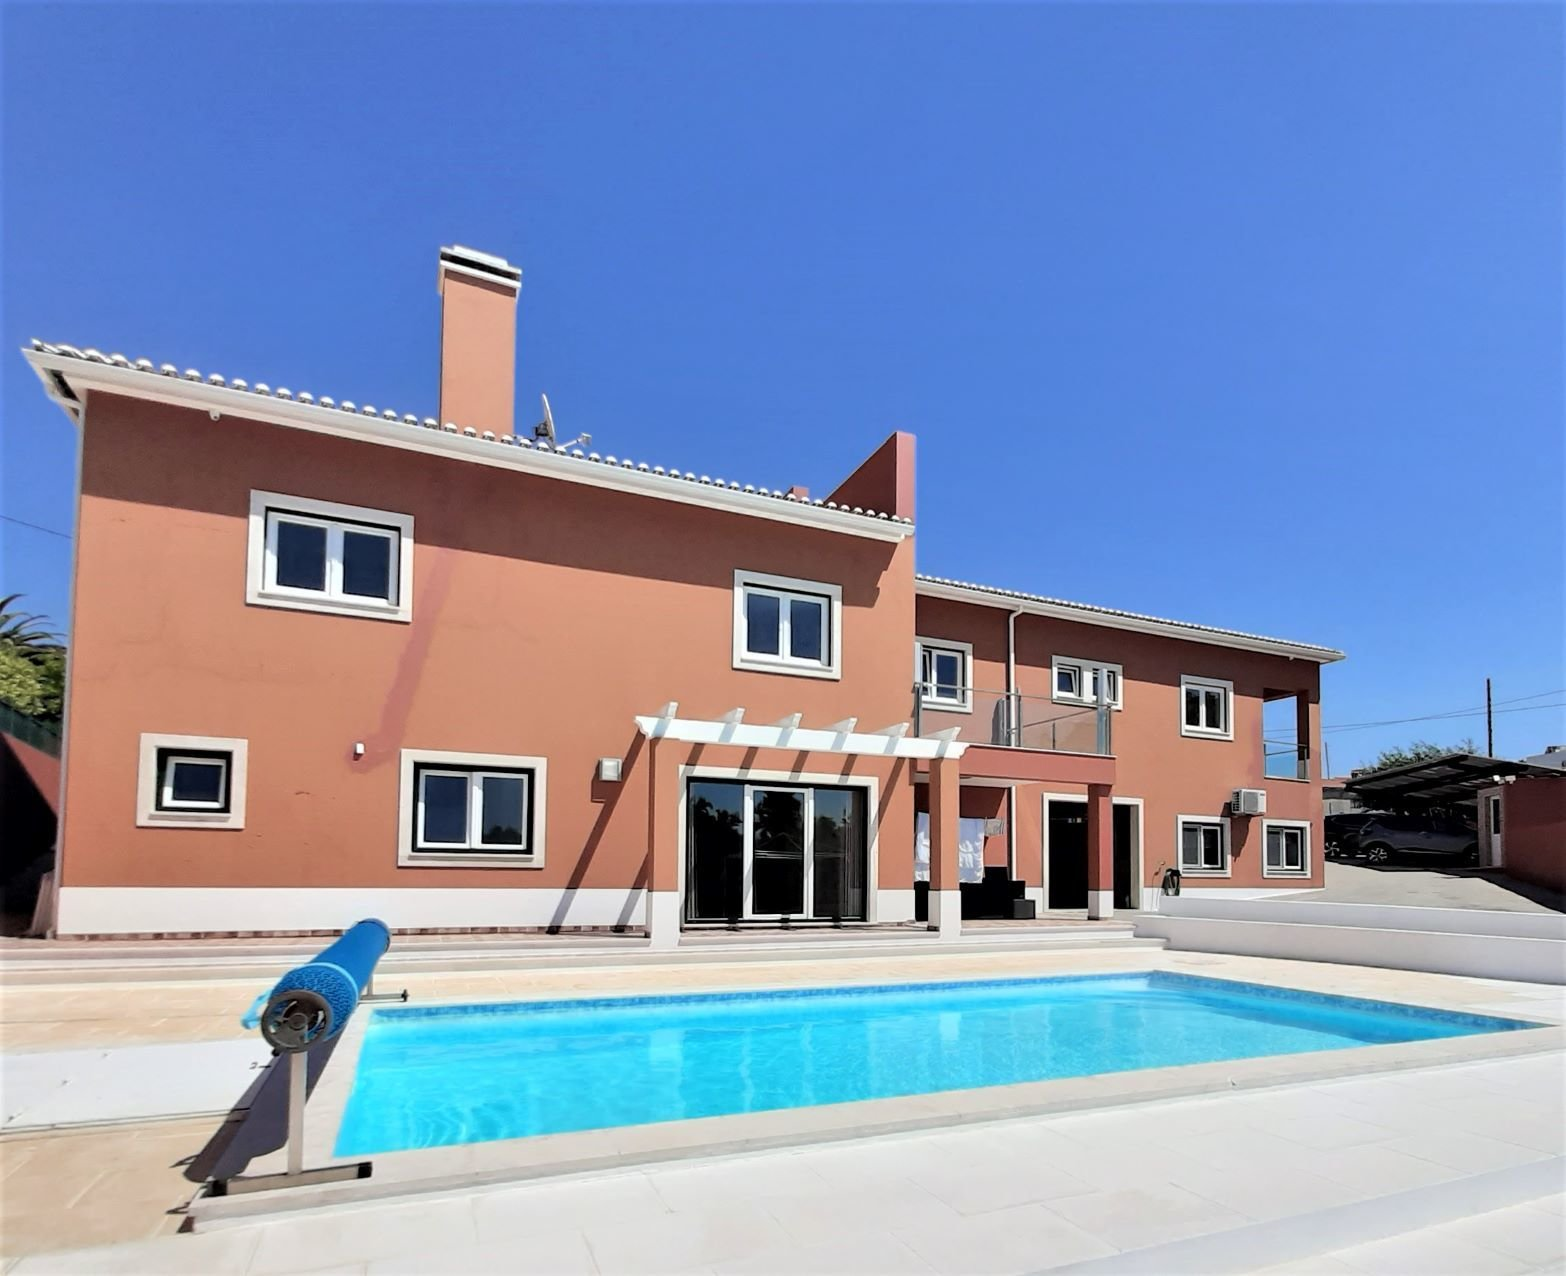 4 Bedroom Villa Caldas da Rainha, Silver Coast Ref: AV2069